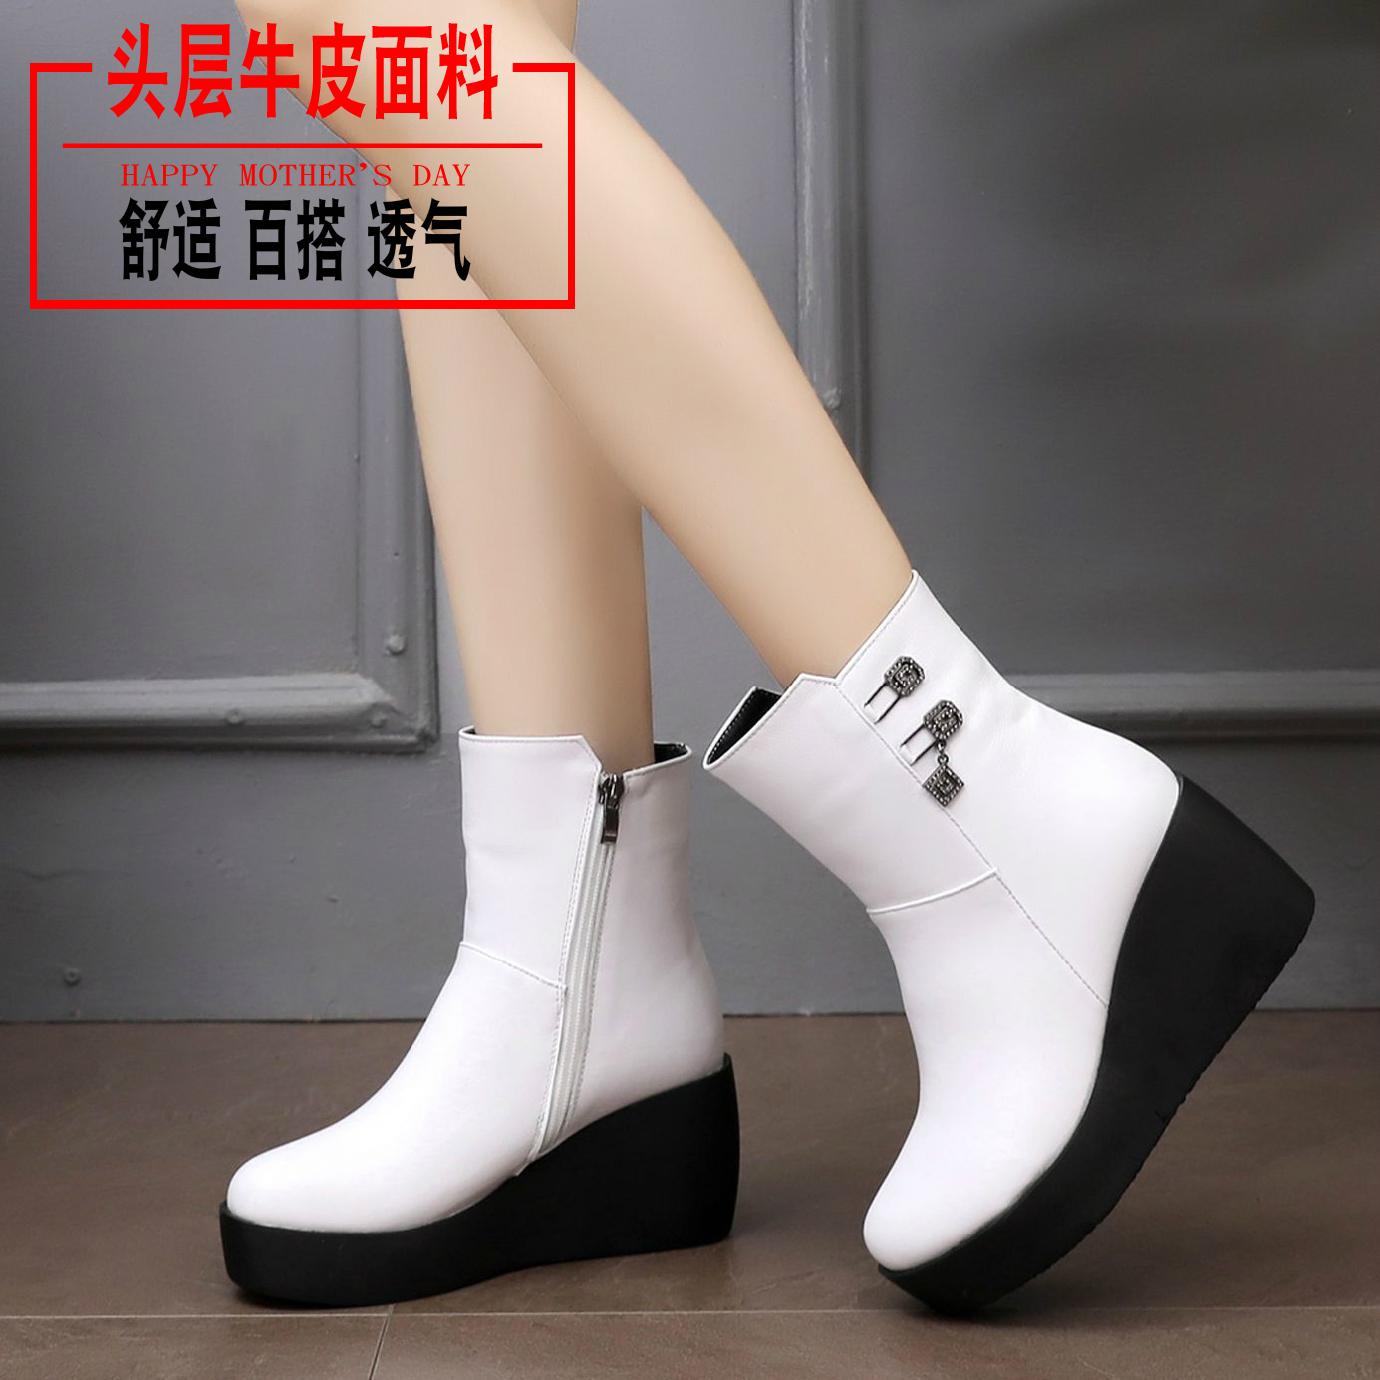 ショートブーツの女性2020新型厚底の坂とビスケットの本革マーティン靴はシンプルで丸首の百足単靴の白いブーツです。